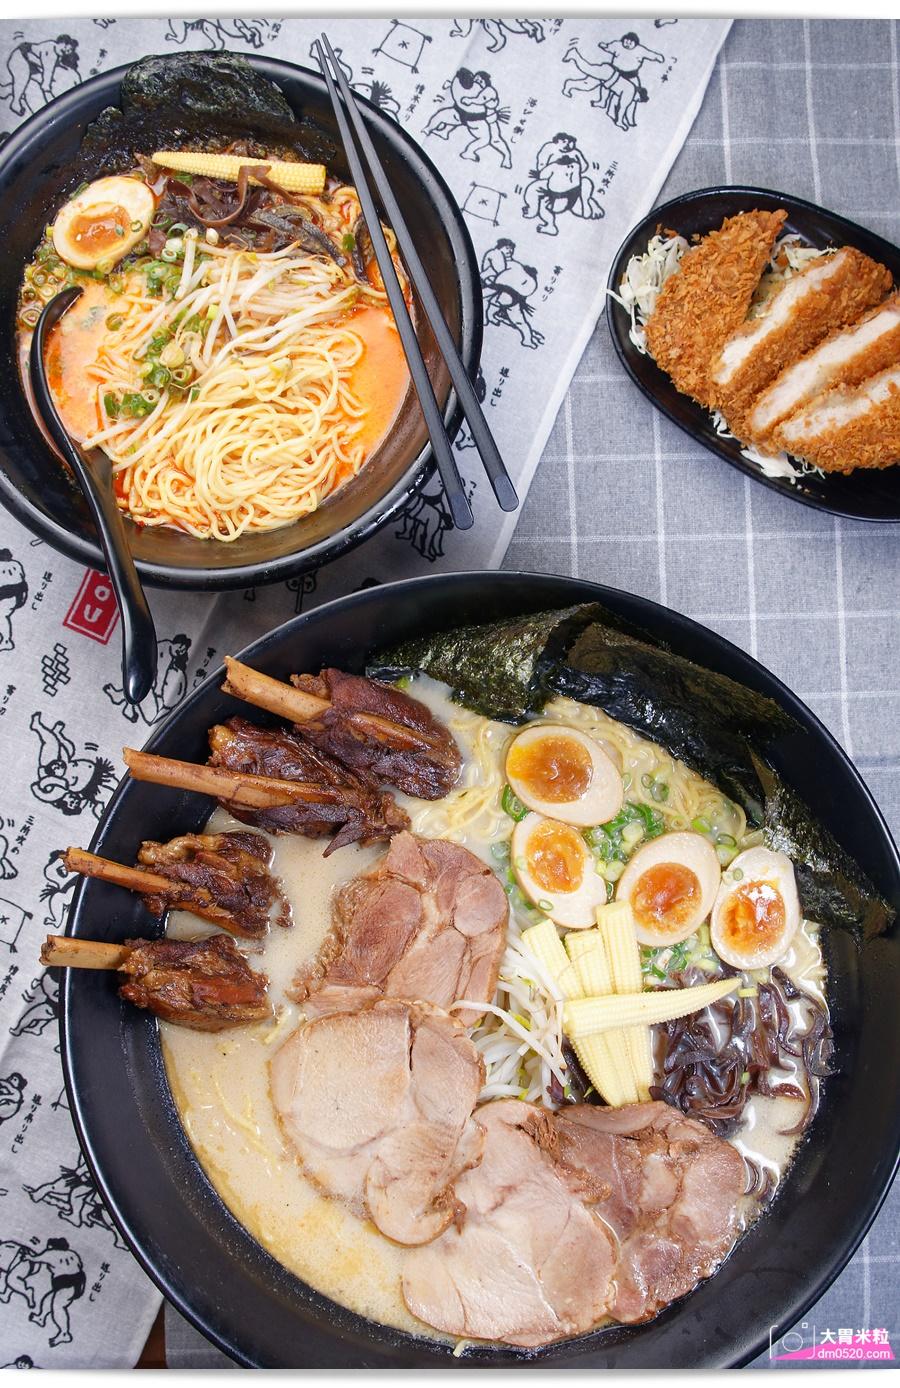 鬼川日式拉麵丼飯